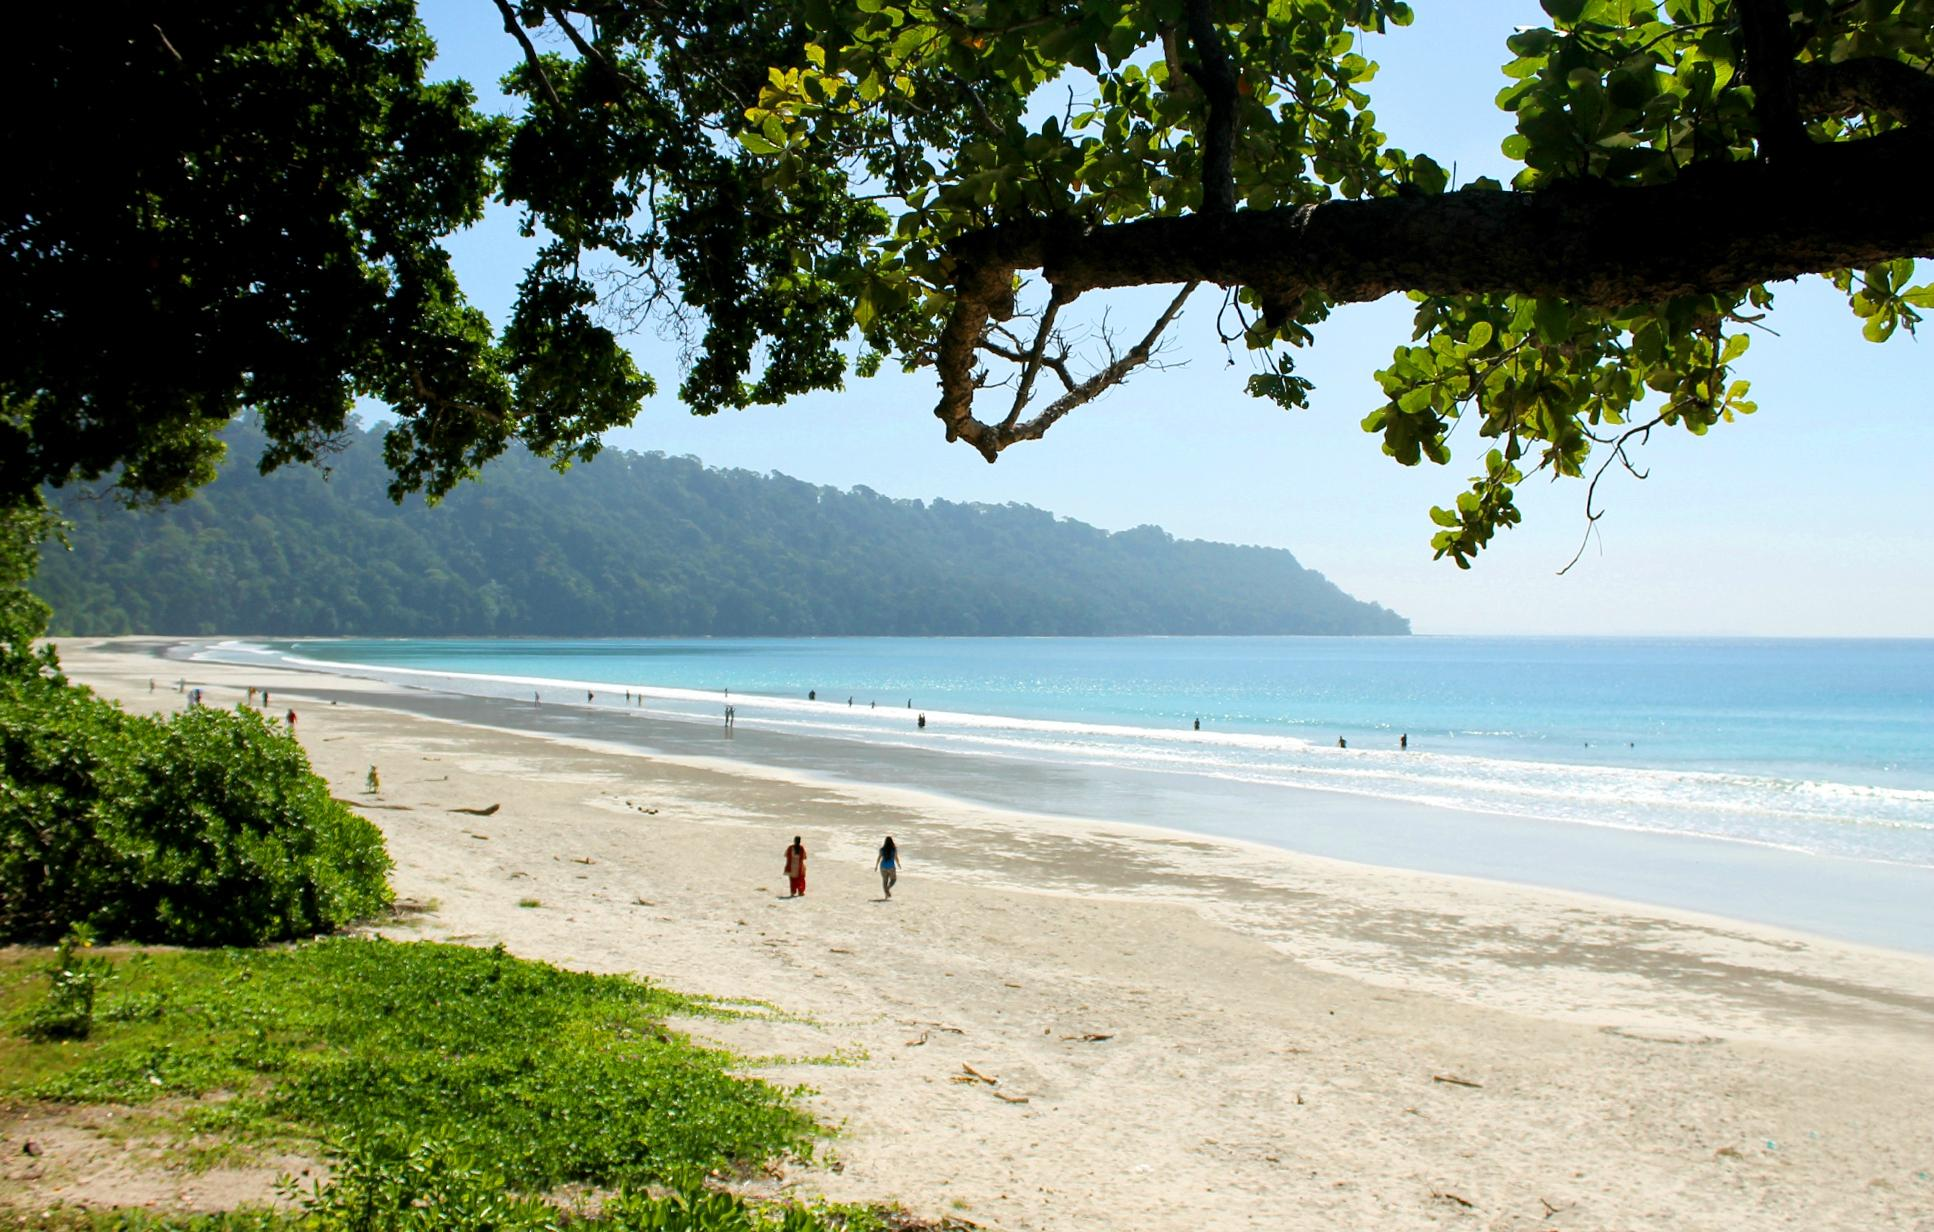 16. Radhanagar Beach